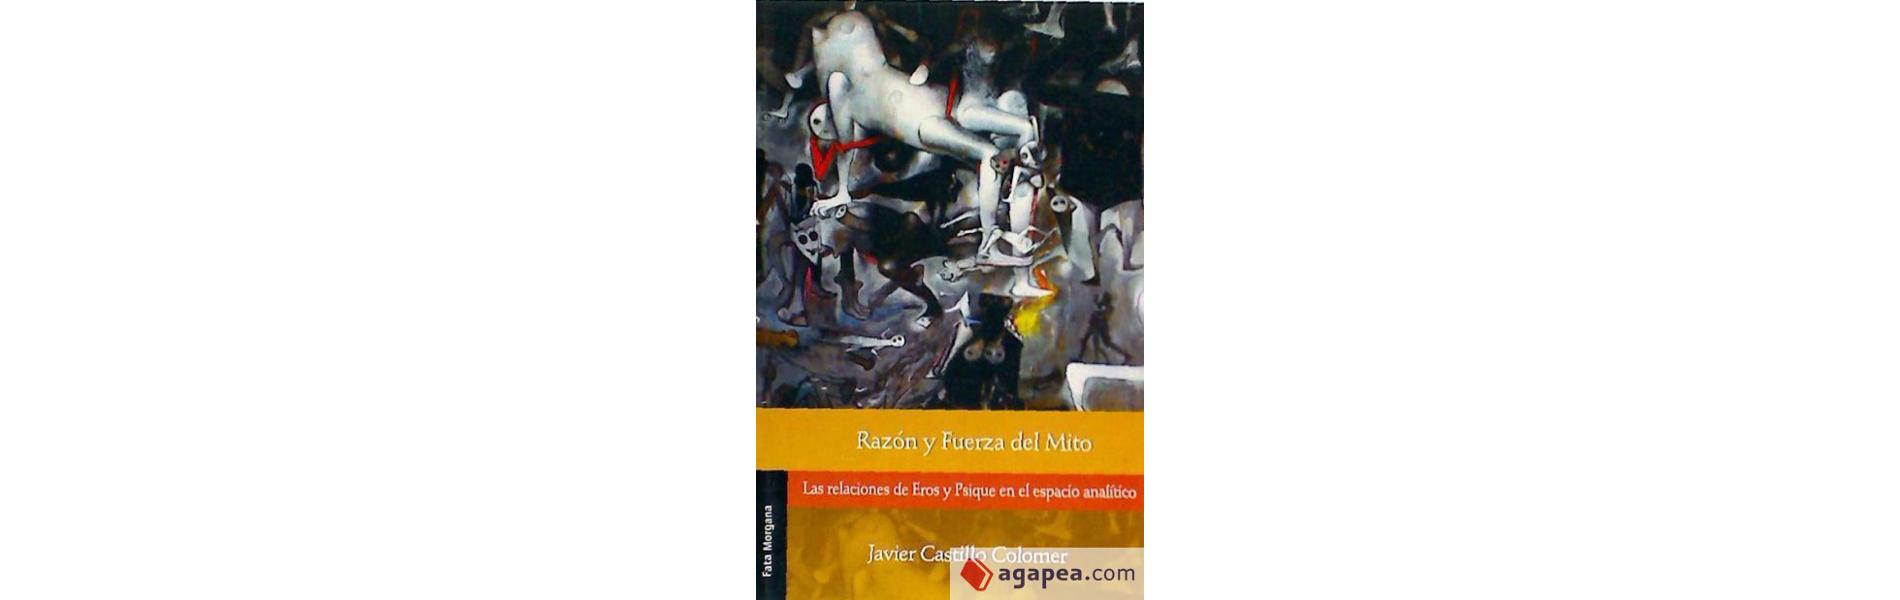 Razón y Fuerza del Mito. Las relaciones de Eros y Psique en el espacio analítico